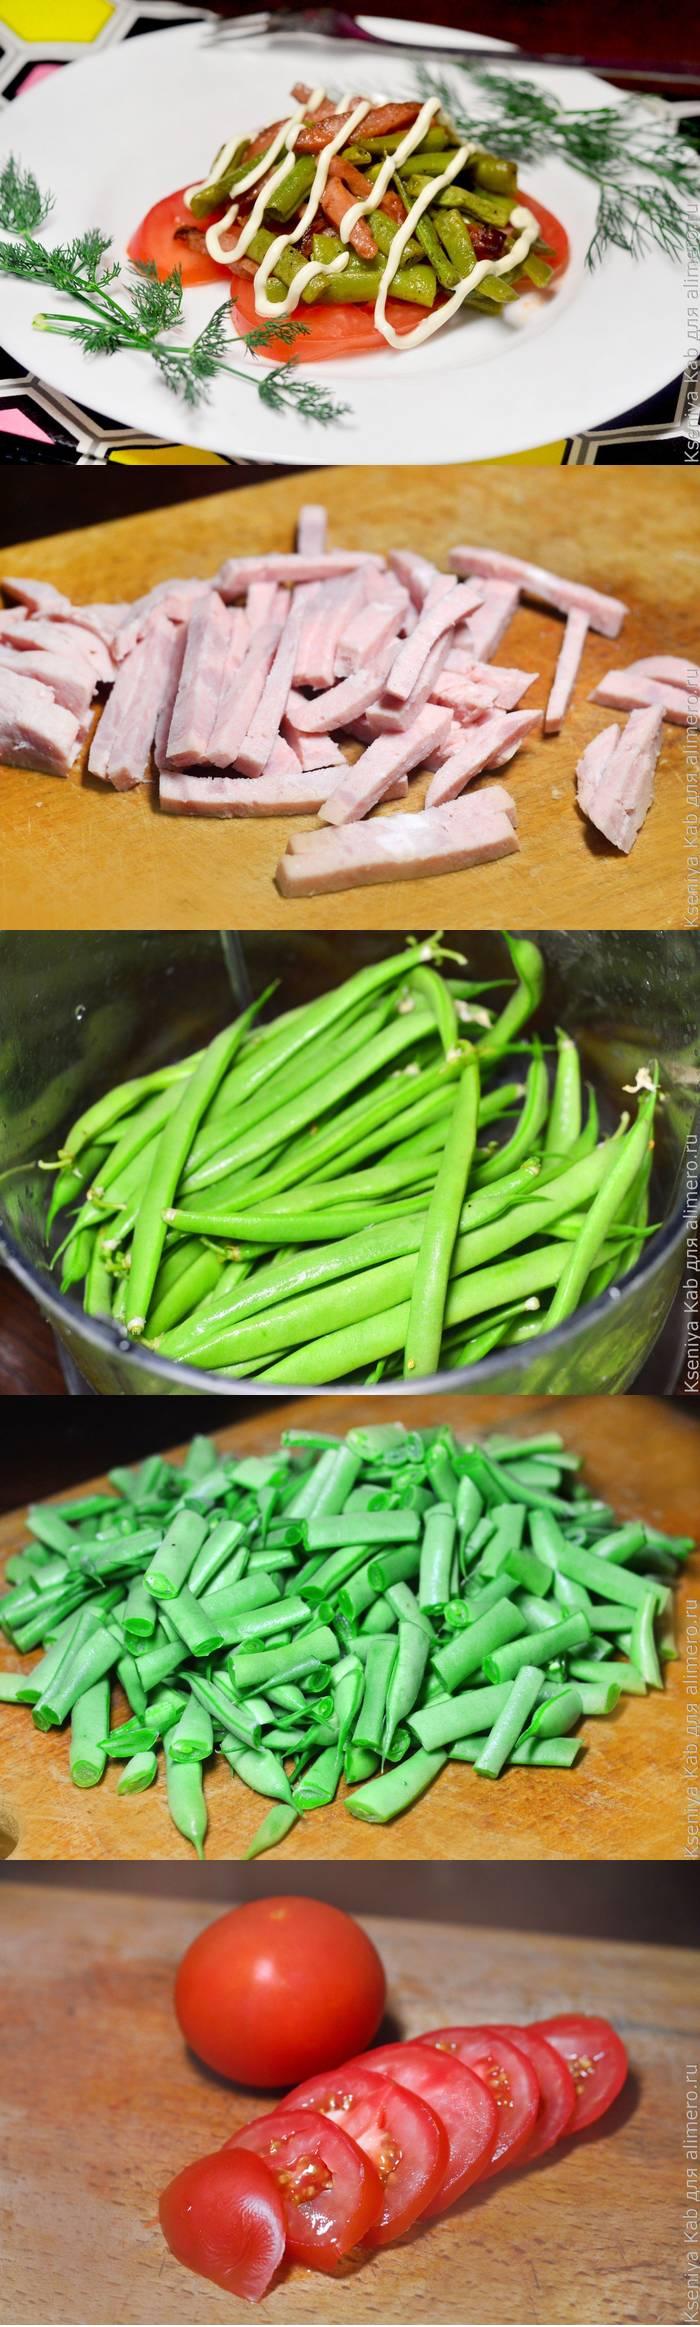 Теплый салат со спаржевой фасолью